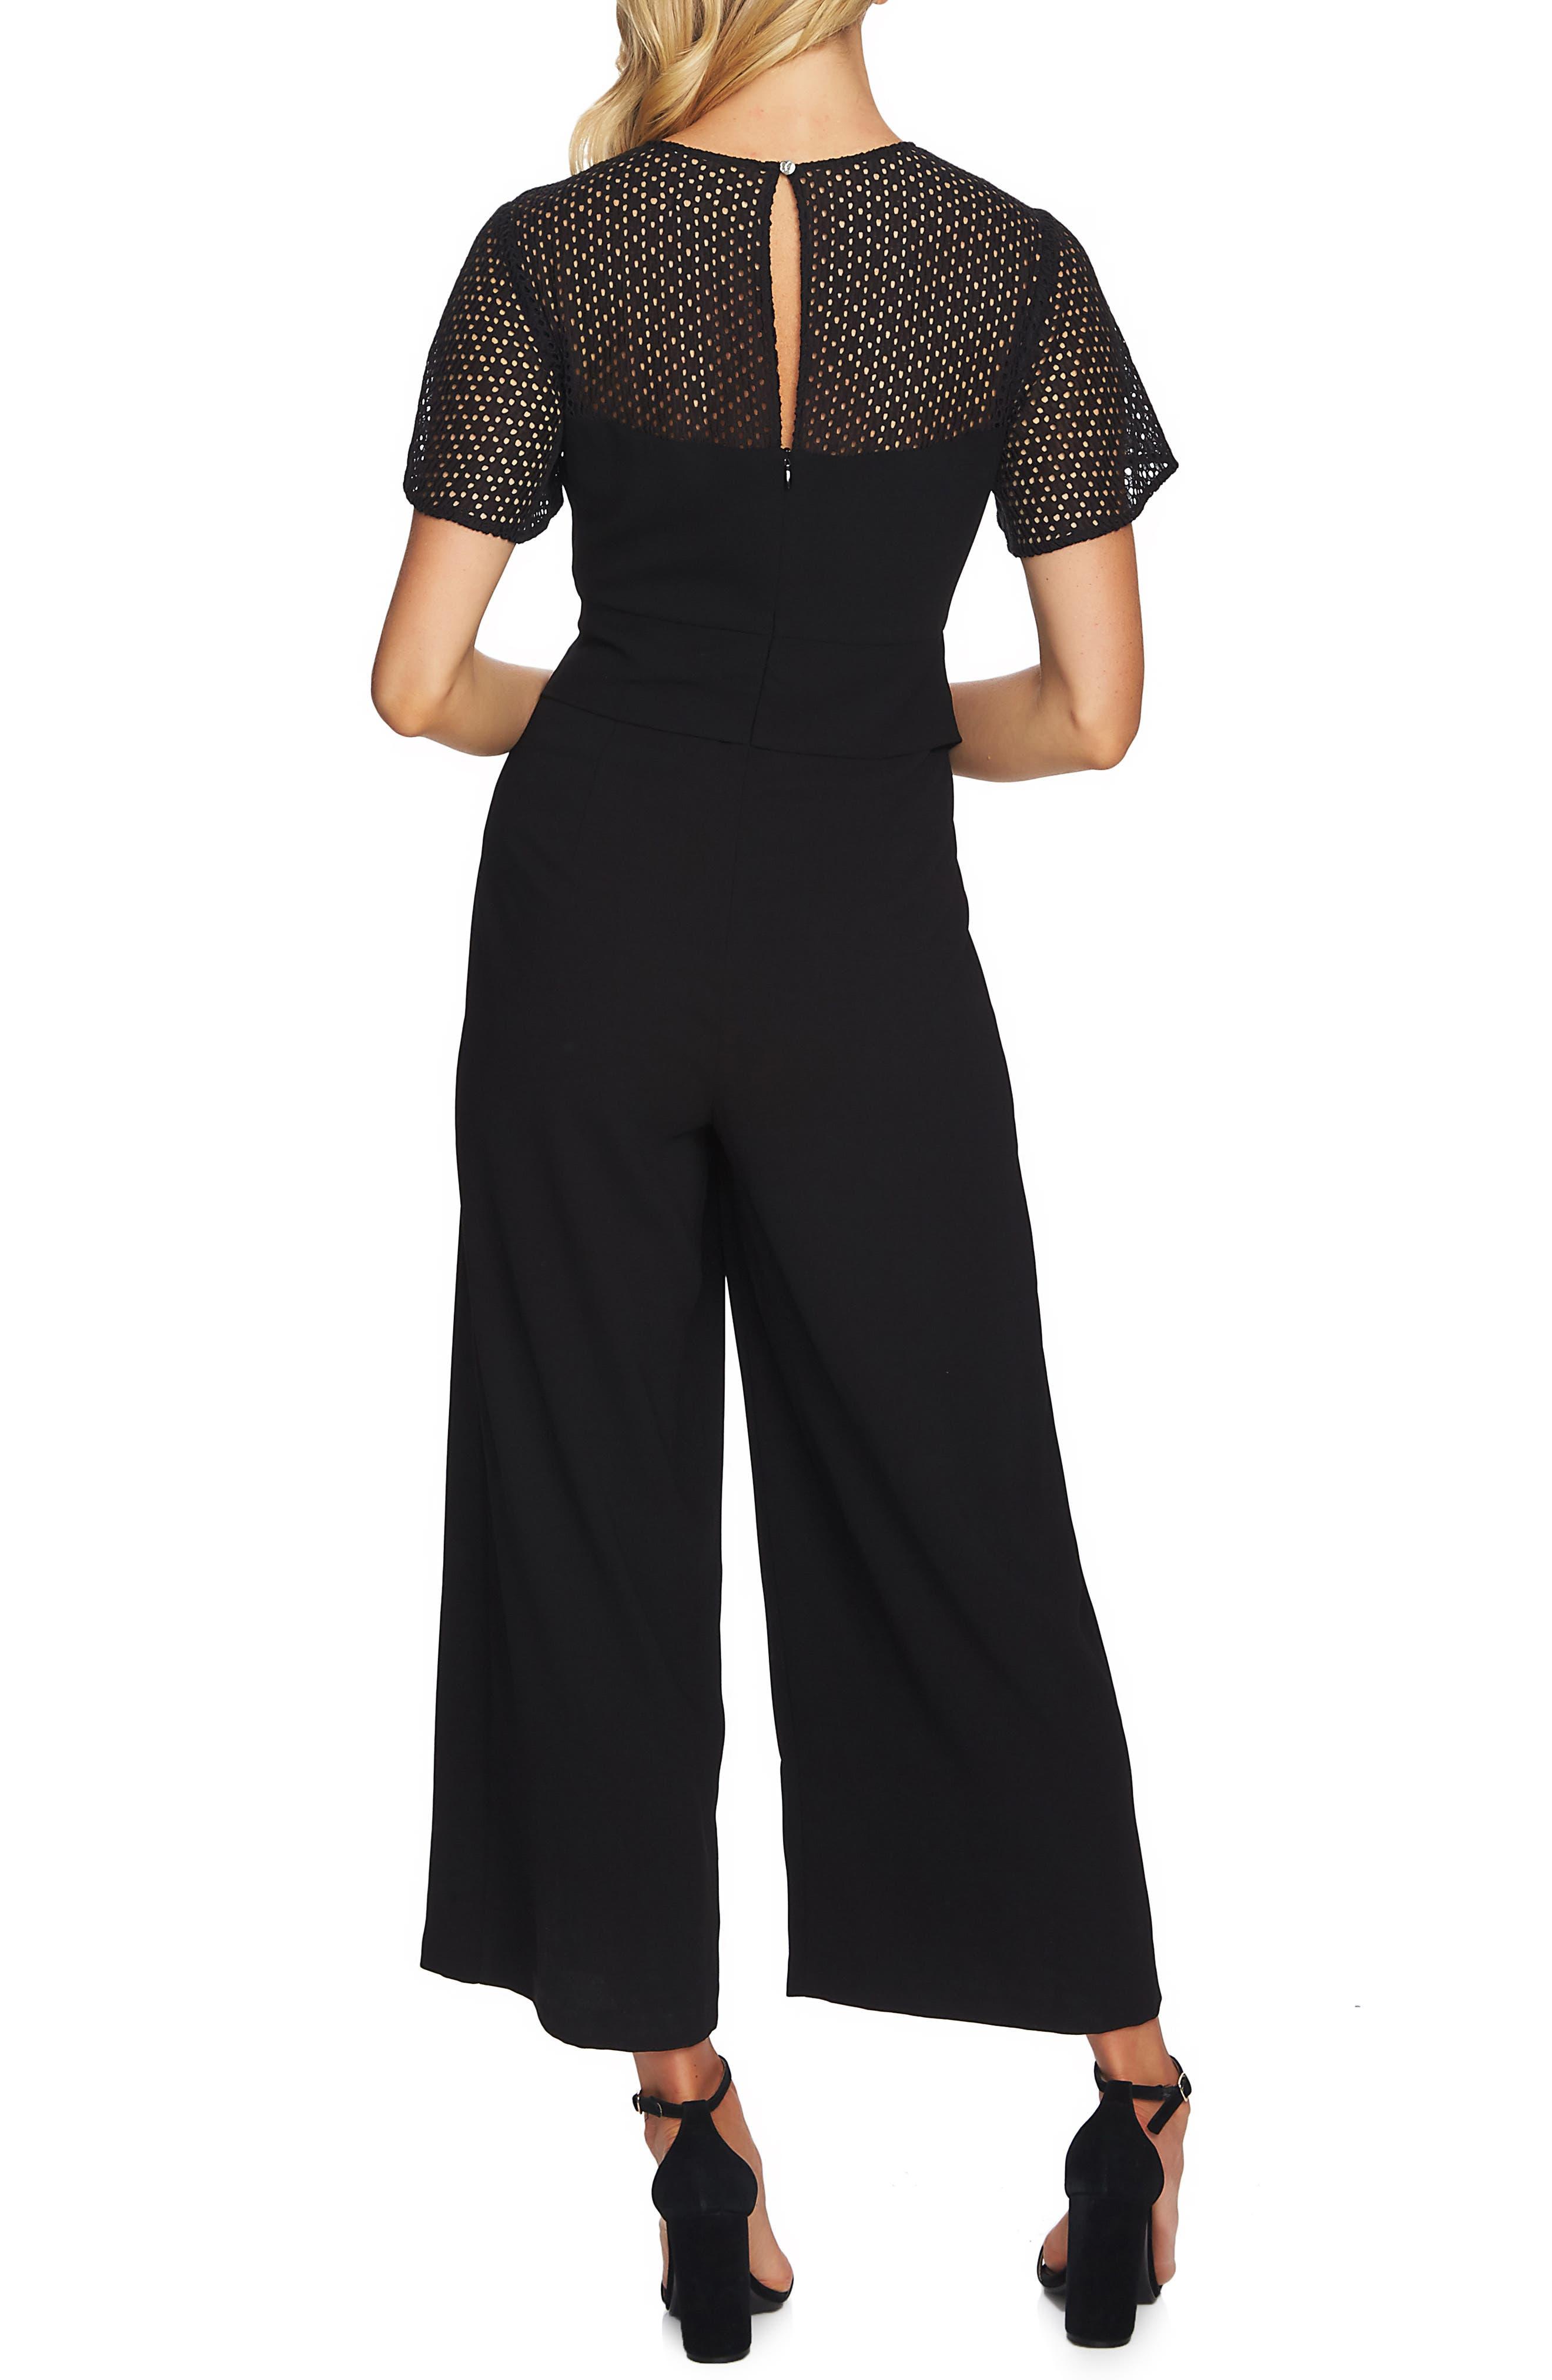 CECE,                             Mix Media Tie Waist Jumpsuit,                             Alternate thumbnail 2, color,                             RICH BLACK